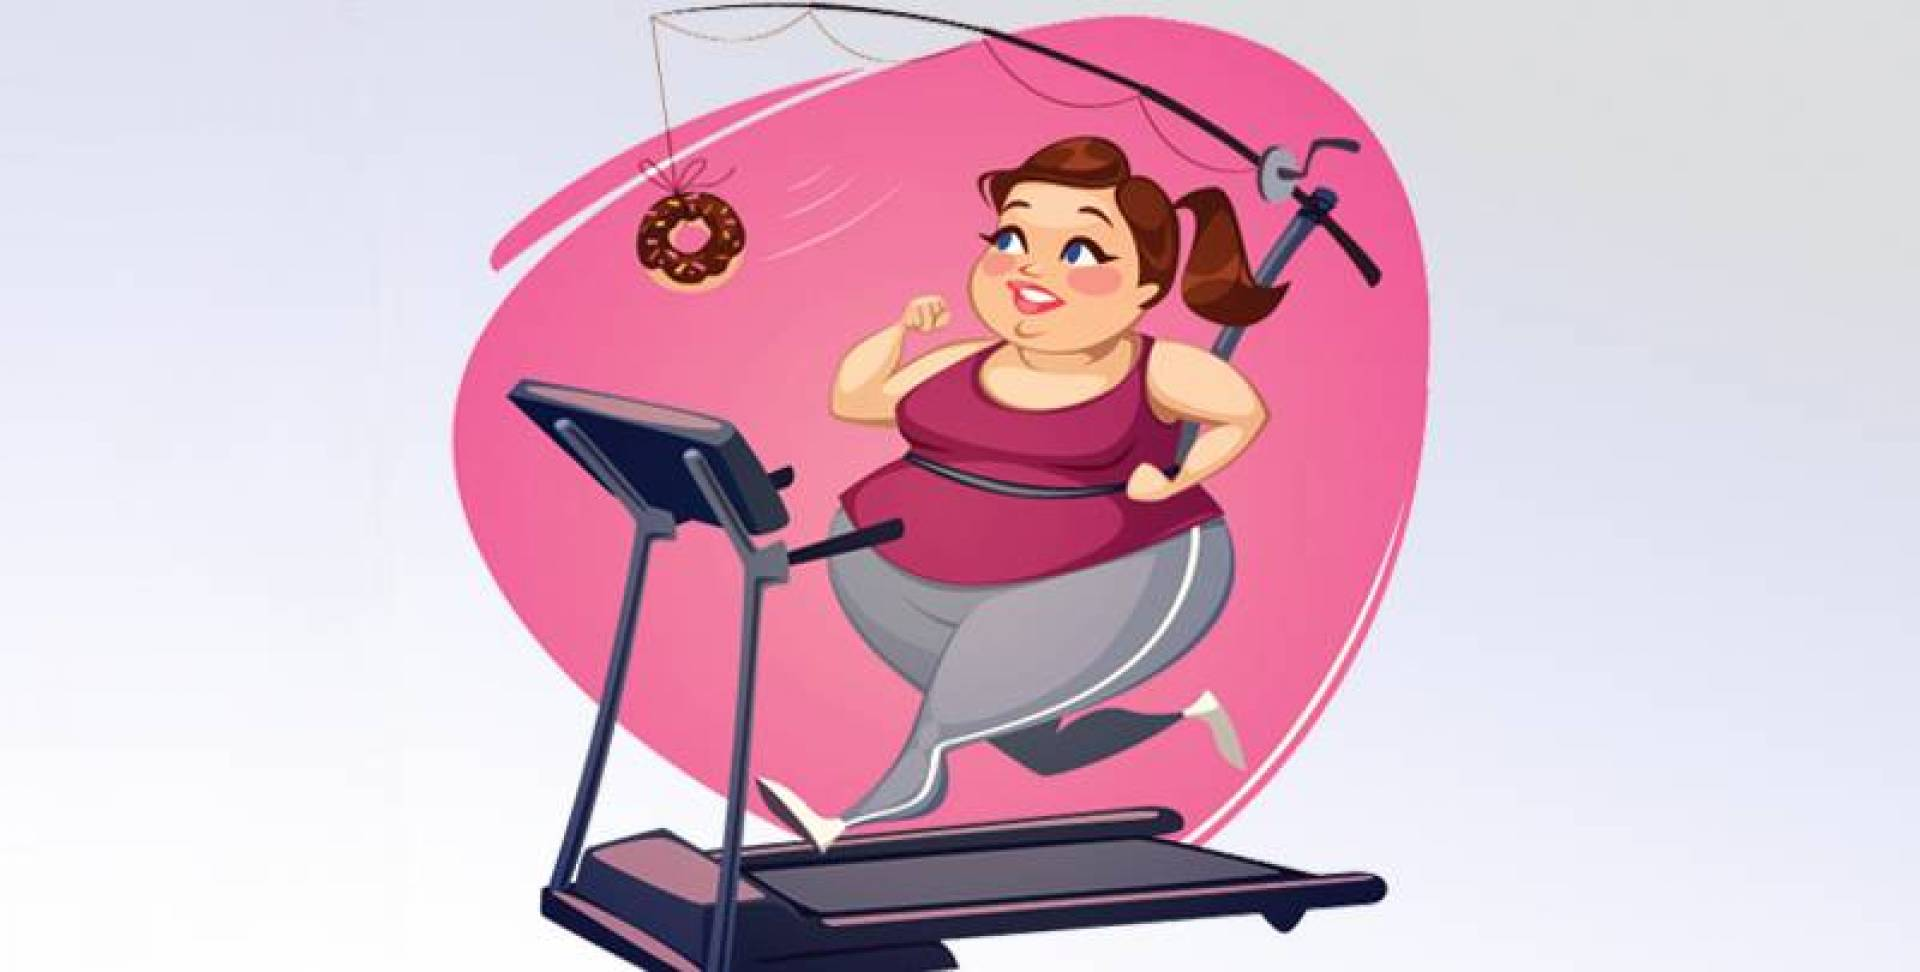 د. محمد جمال: جينات البشر.. تقاوم بشدة نزول الوزن